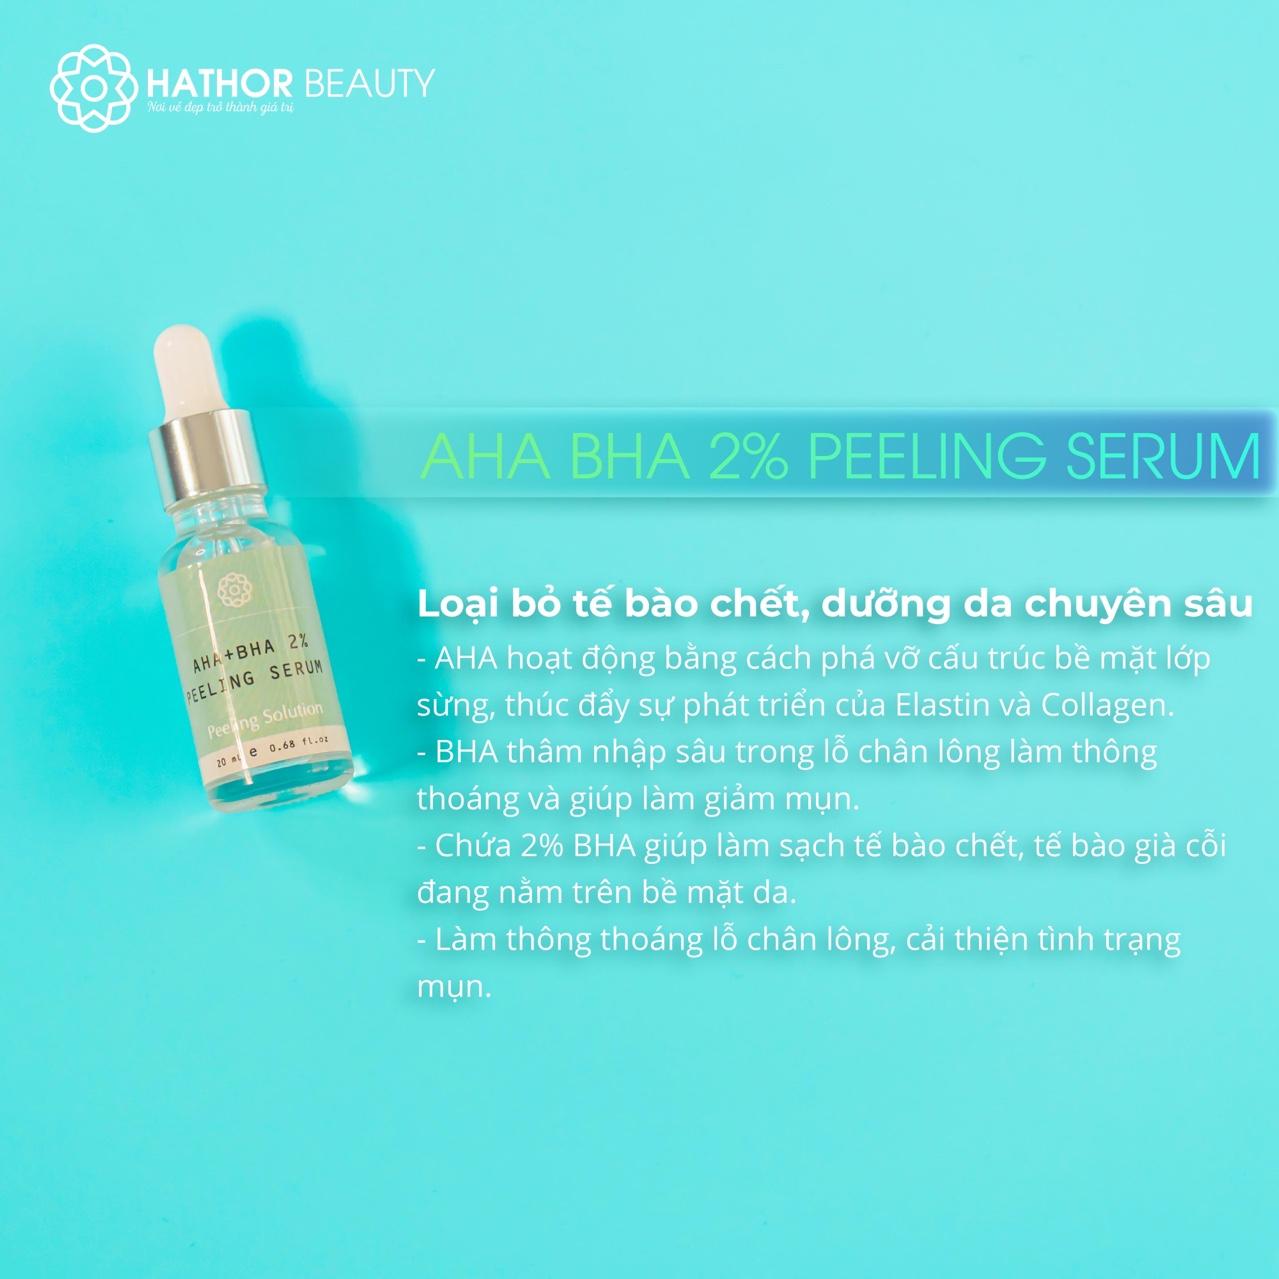 AHA BHA 2% Peeling Serum Hathor Beauty 20ml